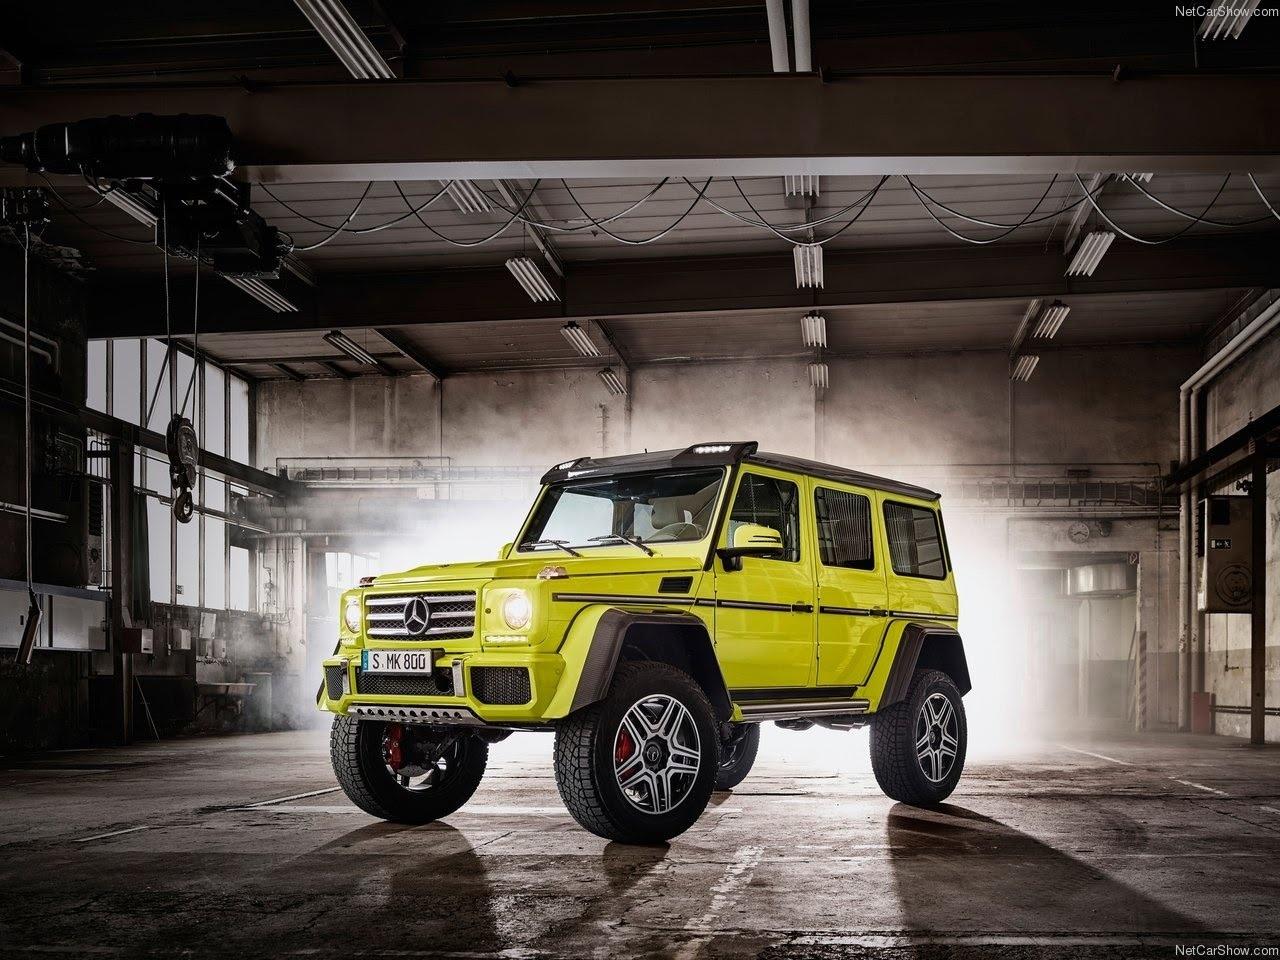 Mercedes-Benz quyết định đưa G550 bản đặc biệt tới Mỹ - 5